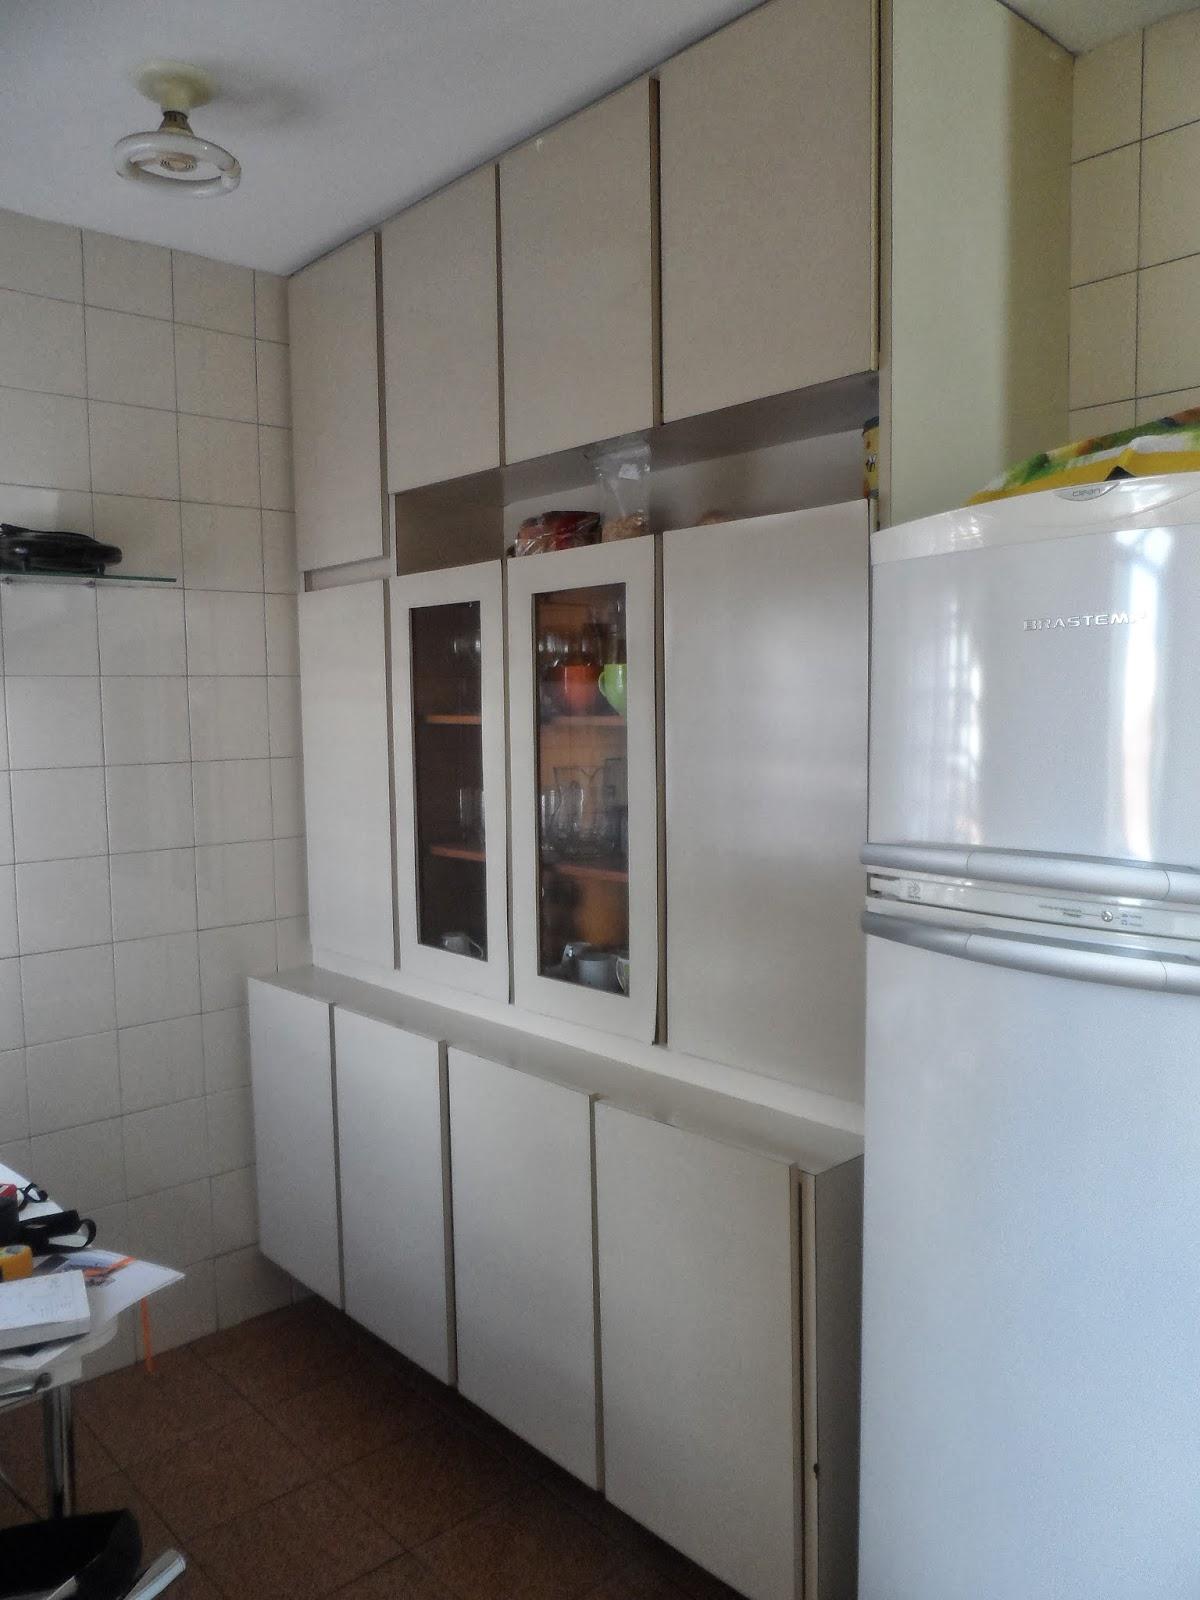 .com/ ReginaSegura. arquitetura: Cozinha no Méier com churrasqueira #51667A 1200 1600